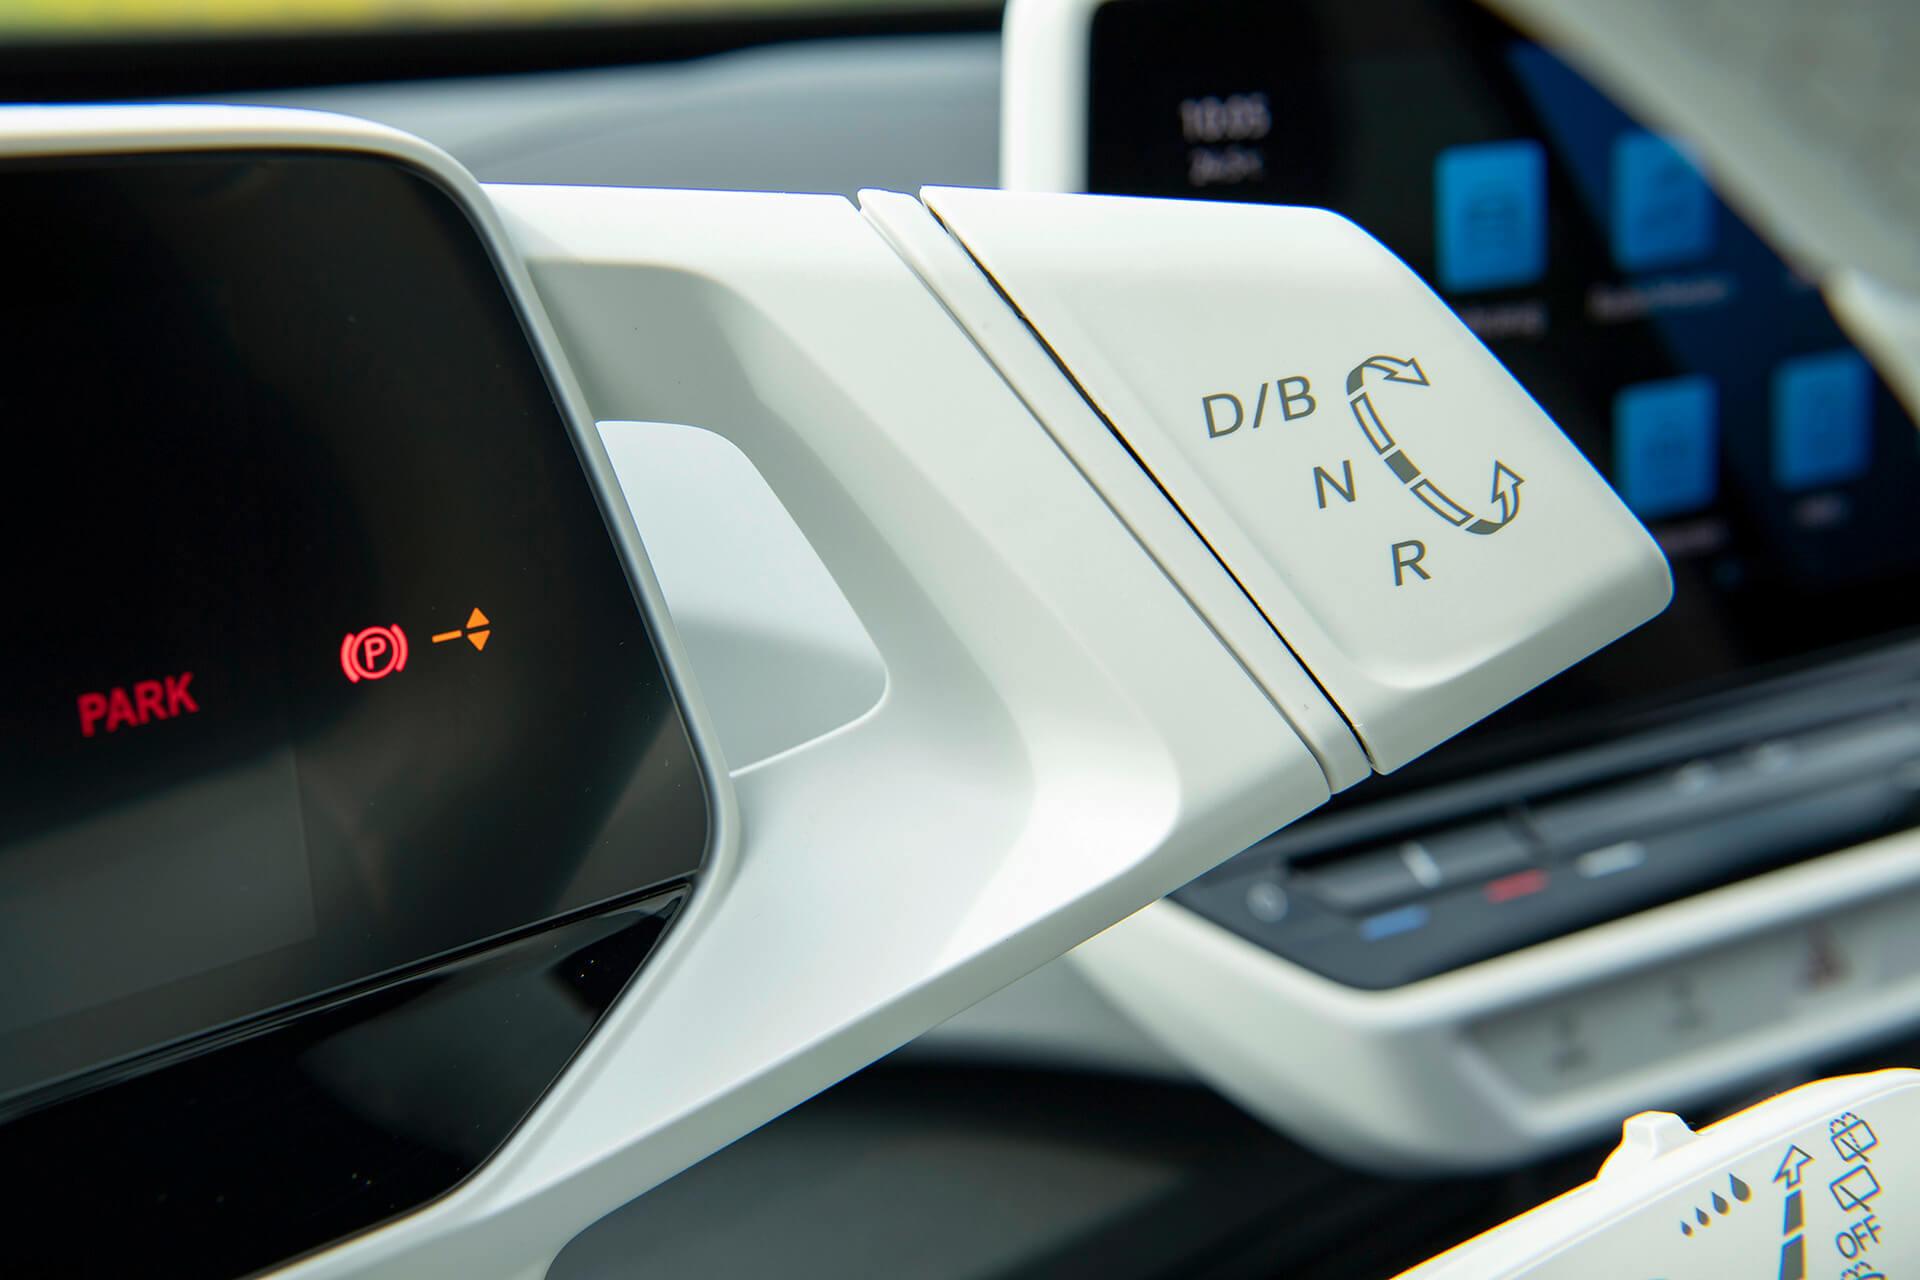 Διακόπτης επιλογέα τρόπου οδήγησης στα δεξιά του πίνακα οργάνων - Volkswagen ID.3